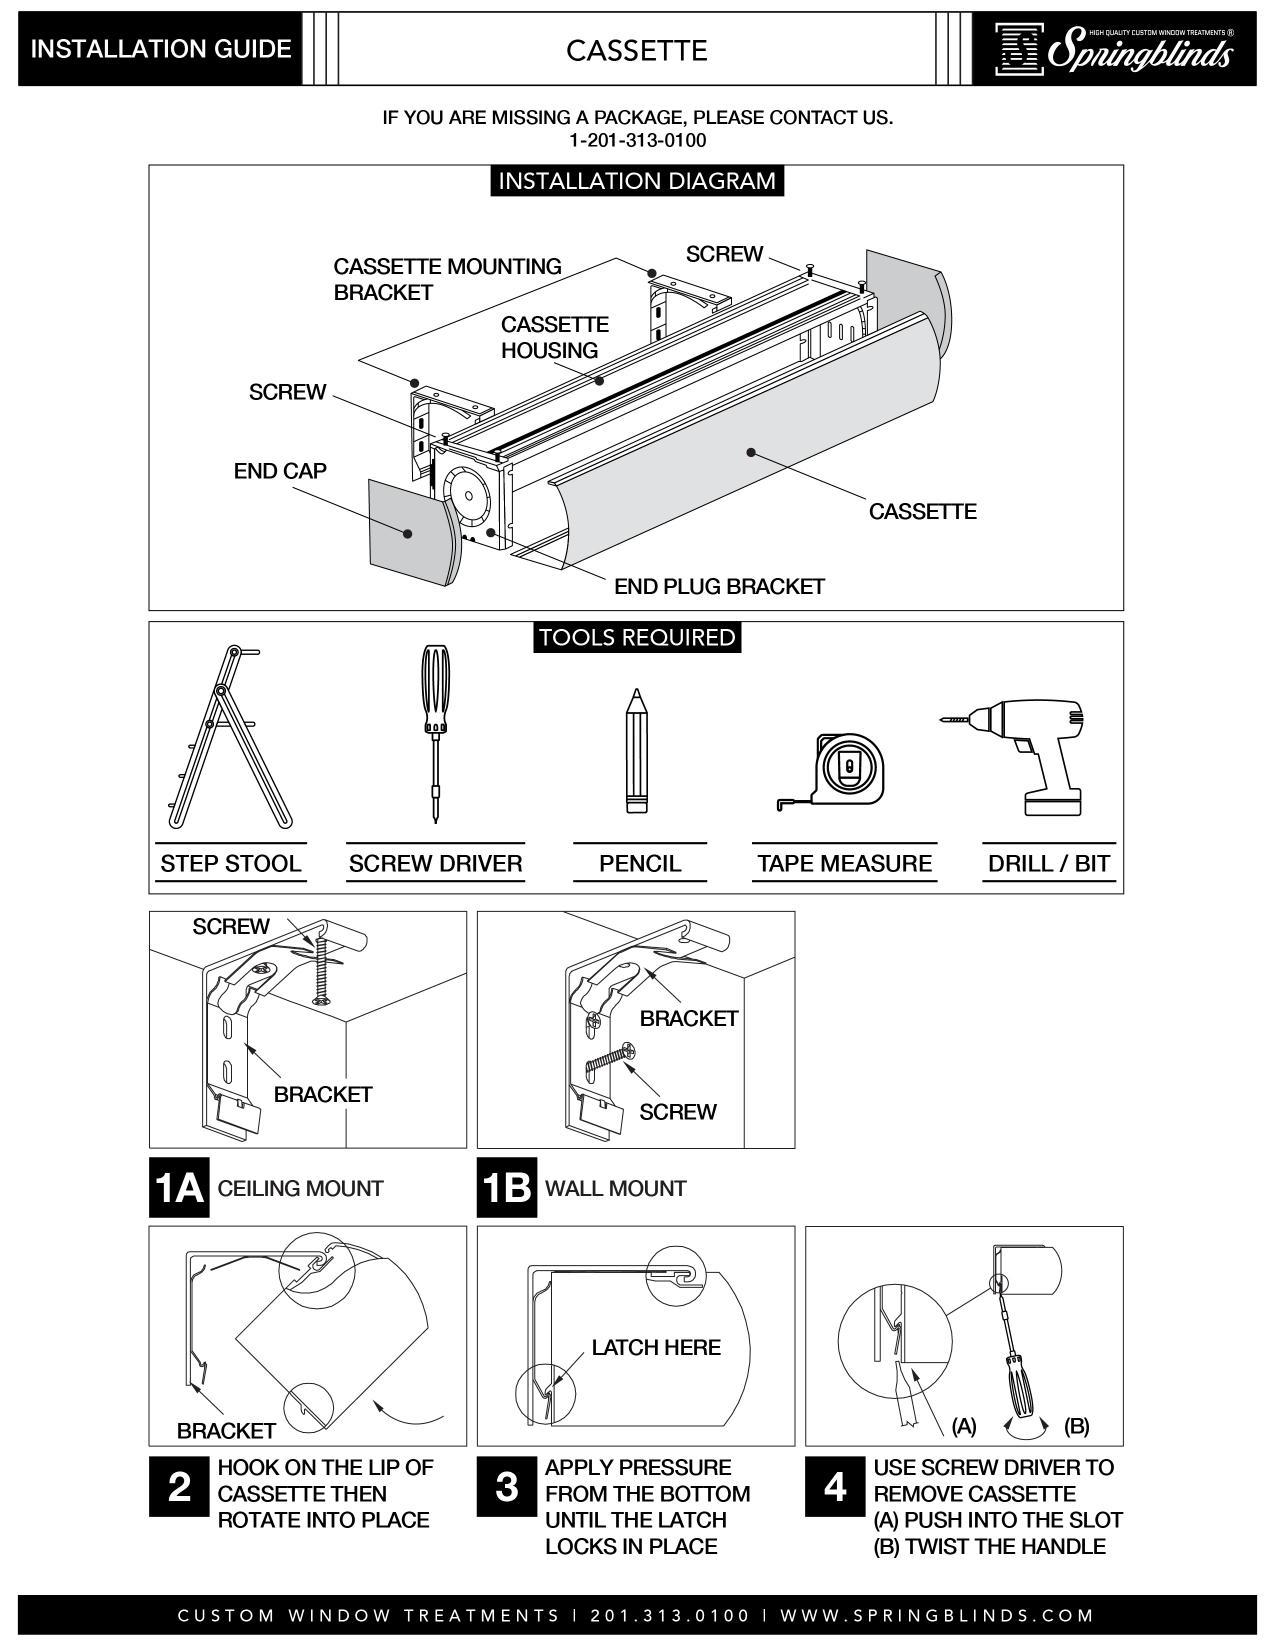 cassette-installation-guide.jpg